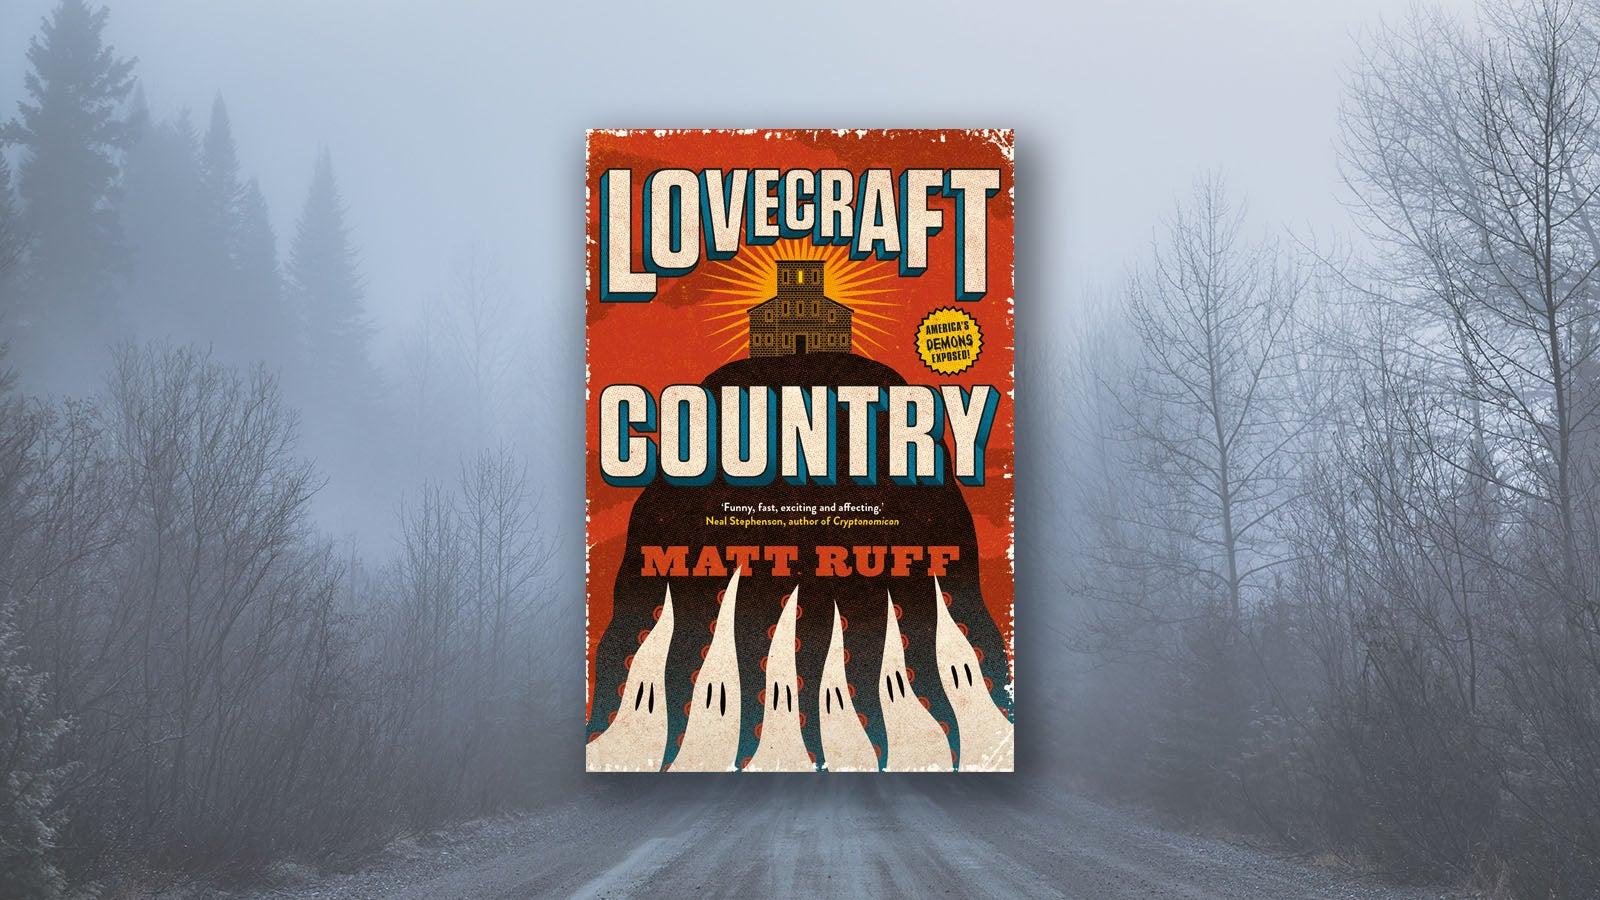 Lovecraft Country Matt Ruff book